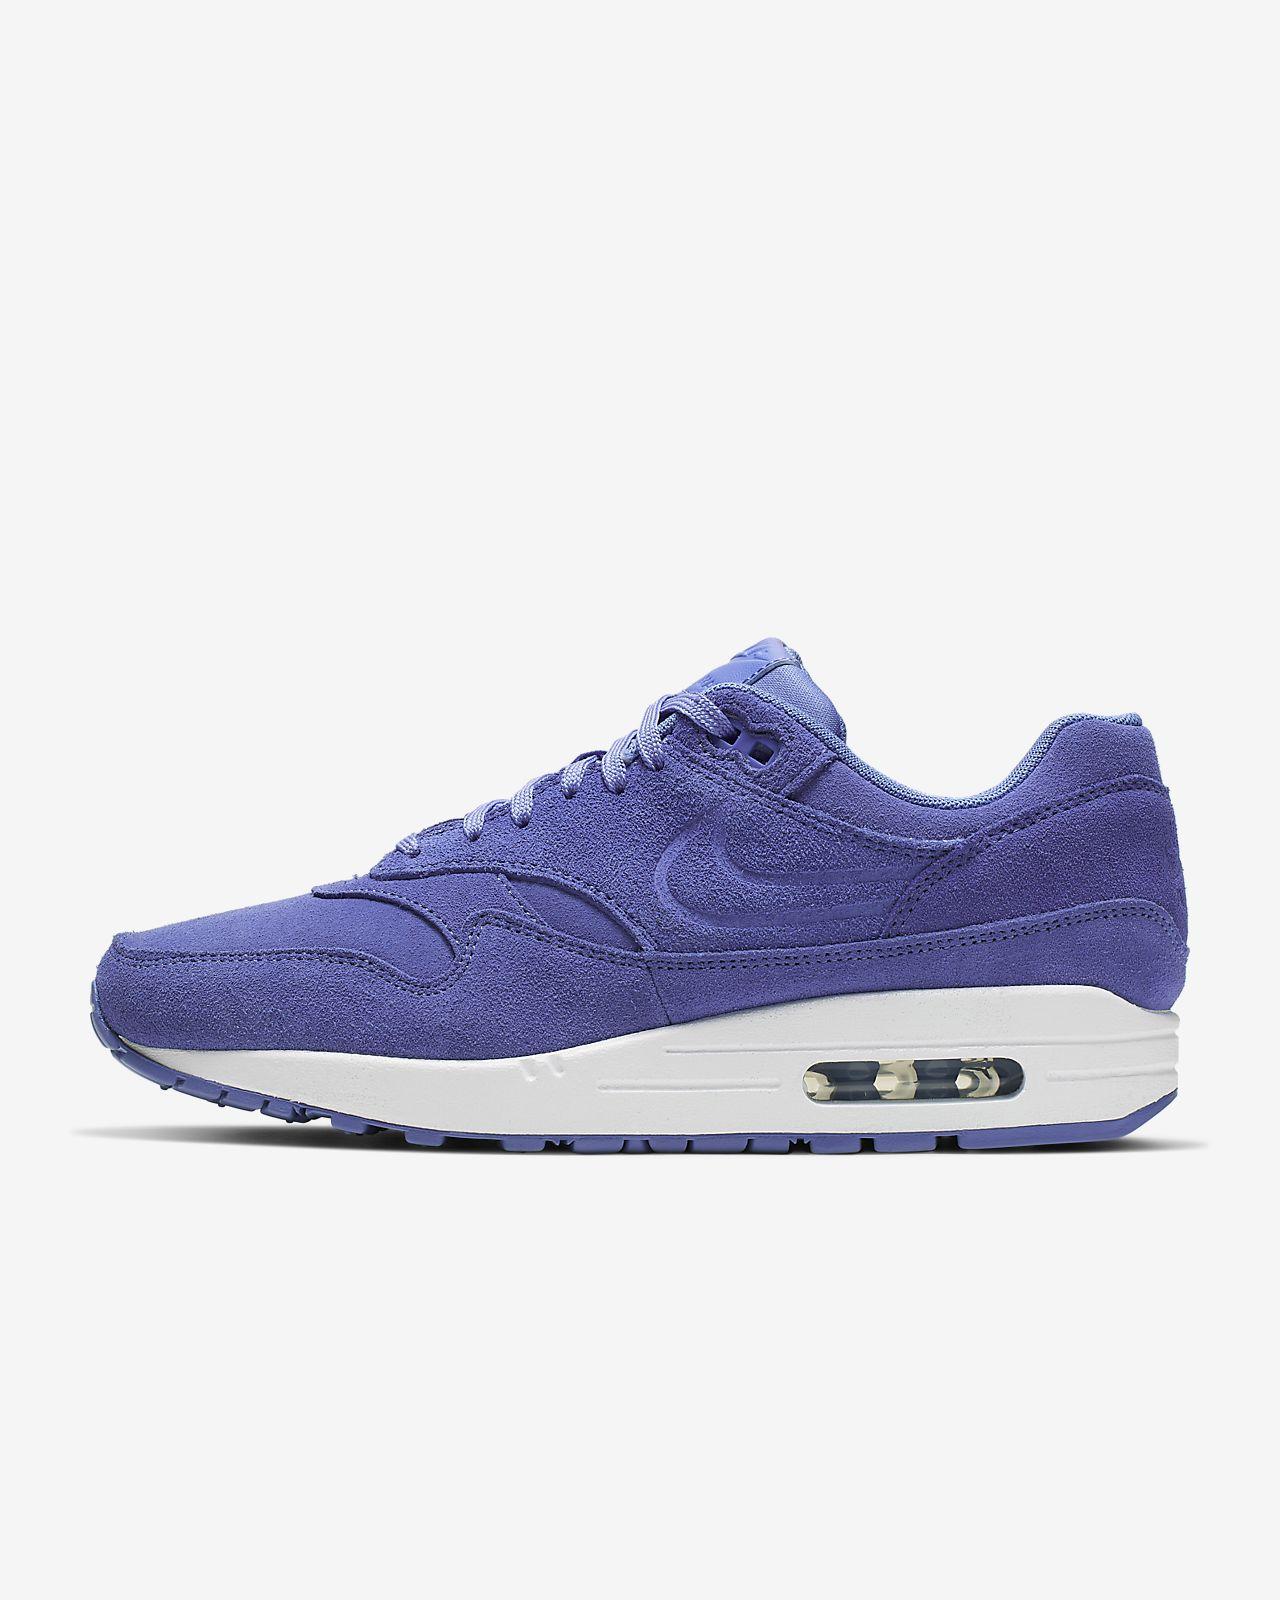 half off a8ed2 7dbb7 ... Nike Air Max 1 Premium Women s Shoe